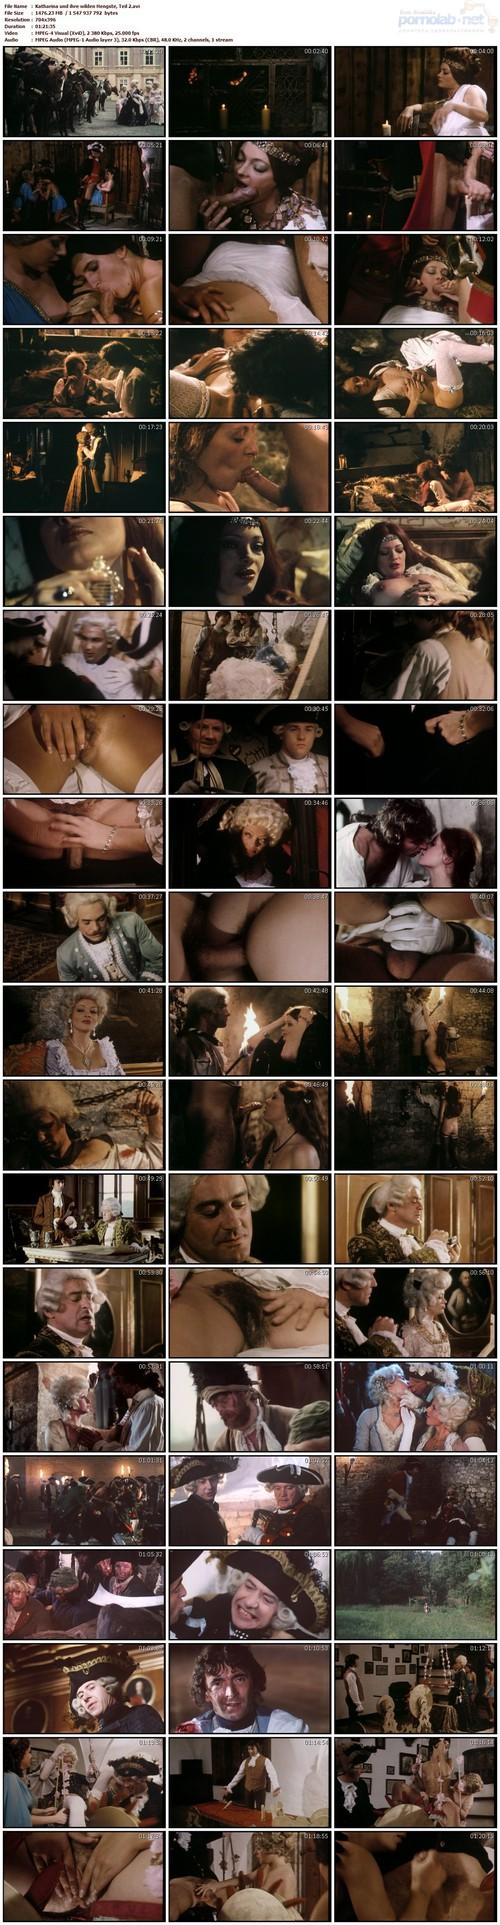 Смотркть екатерина 2 эротика бесплатно 22 фотография